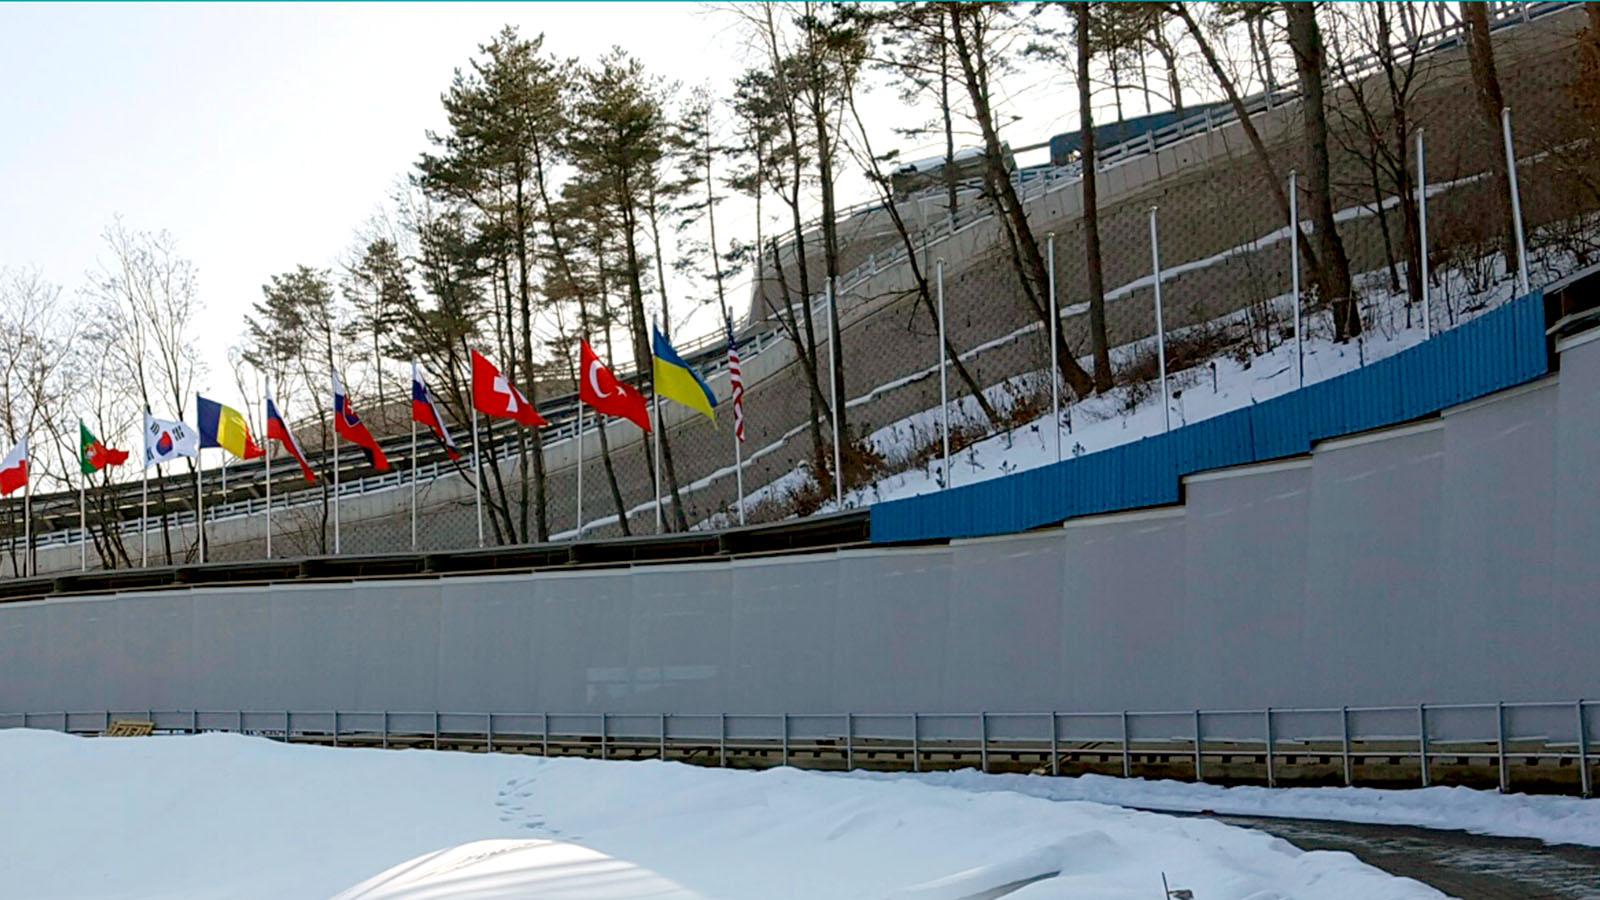 vista esterna delle tende su una curva della pista da Bob Alpensia